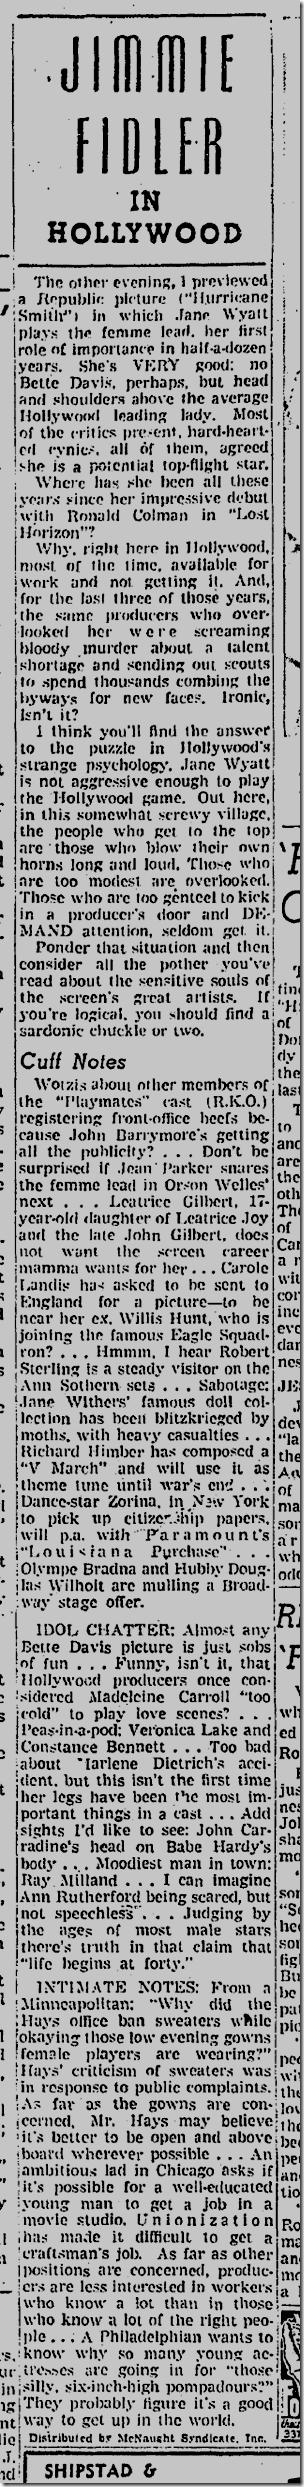 Sept. 3, 1941, Jimmie Fidler